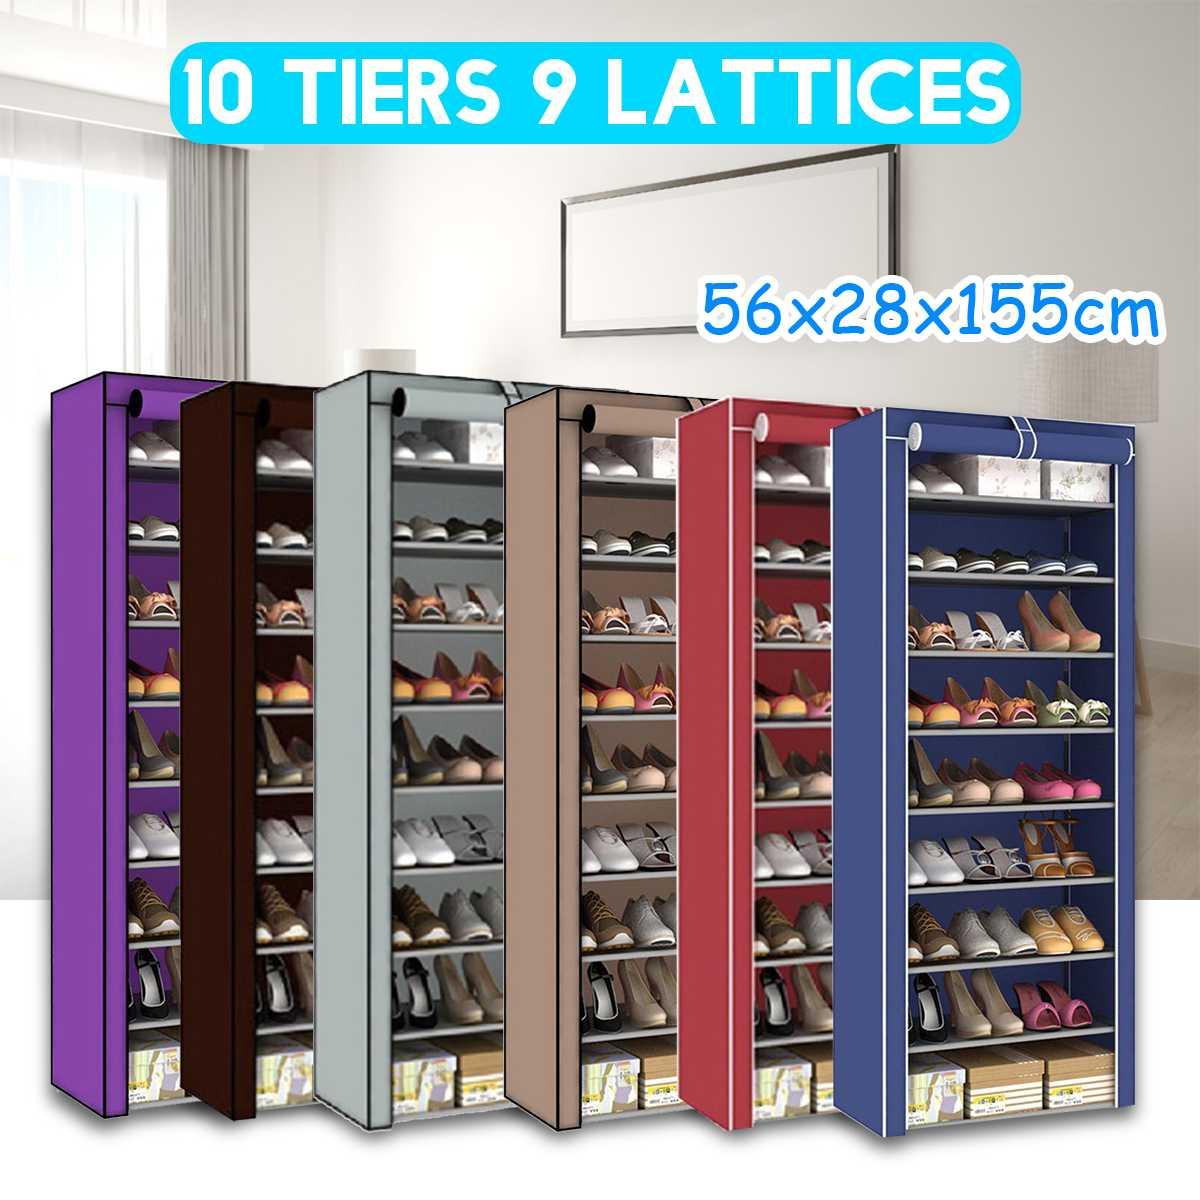 10 ярусная 9 сетчатая стойка для обуви Съемный пылезащитный нетканый шкаф для обуви для дома стоящий компактный органайзер для обуви обувные...